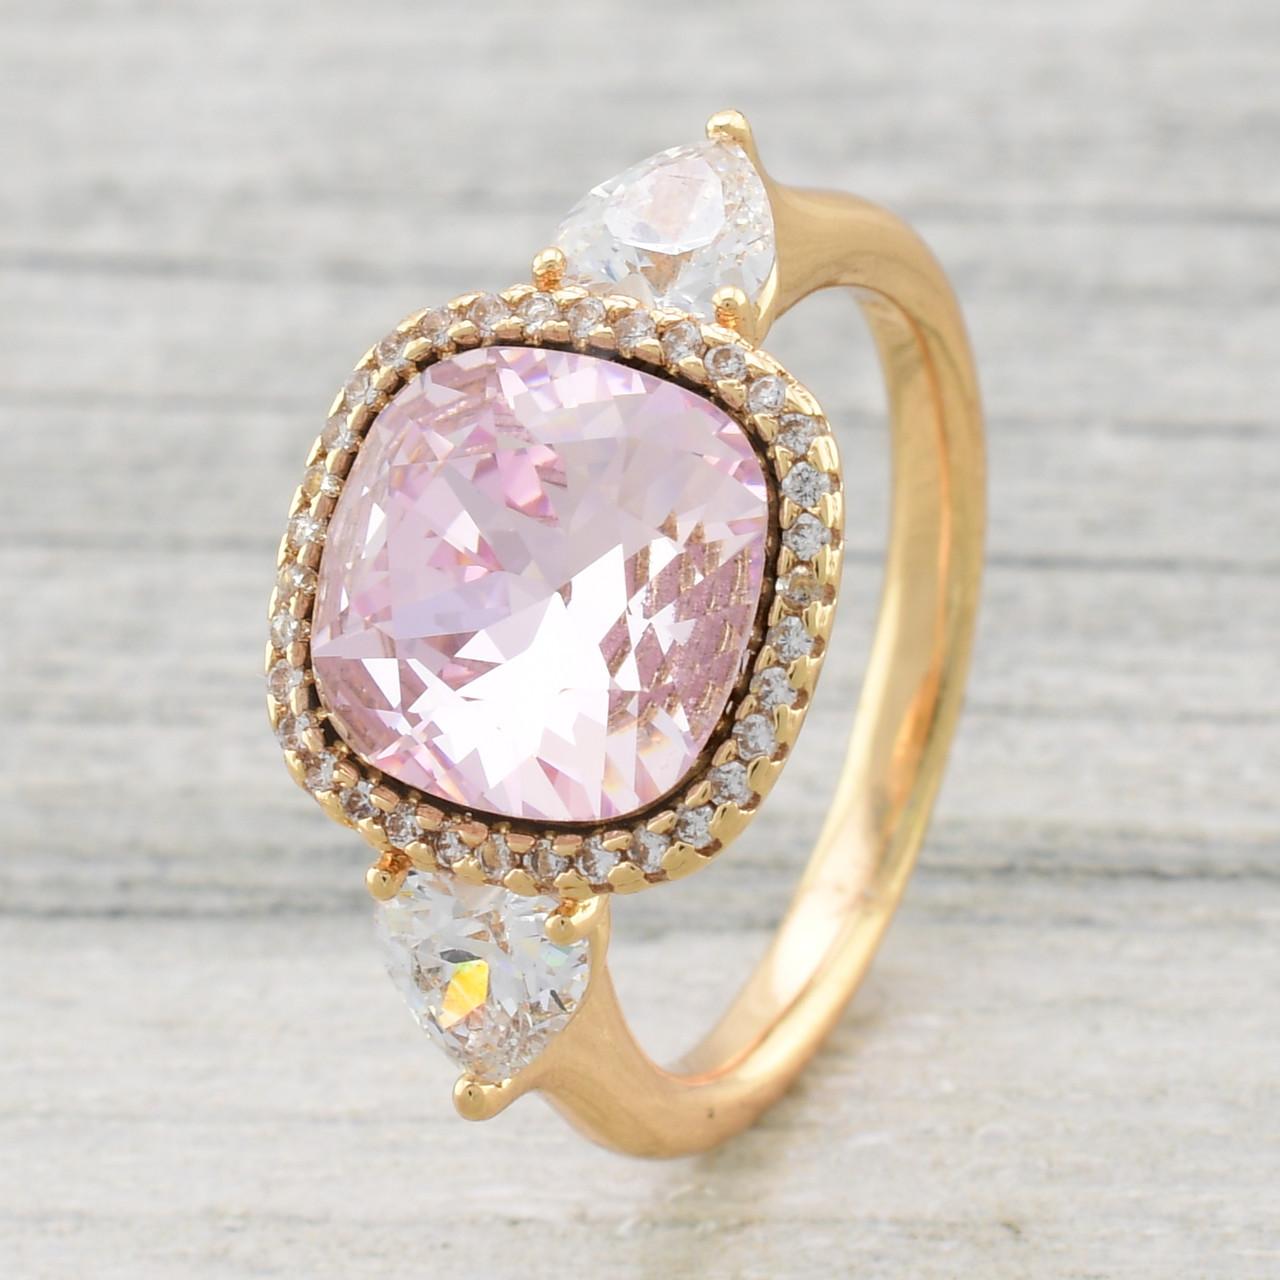 Кольцо Xuping с кристаллами Swarovski 11890 размер 17 светло розовый позолота 18К